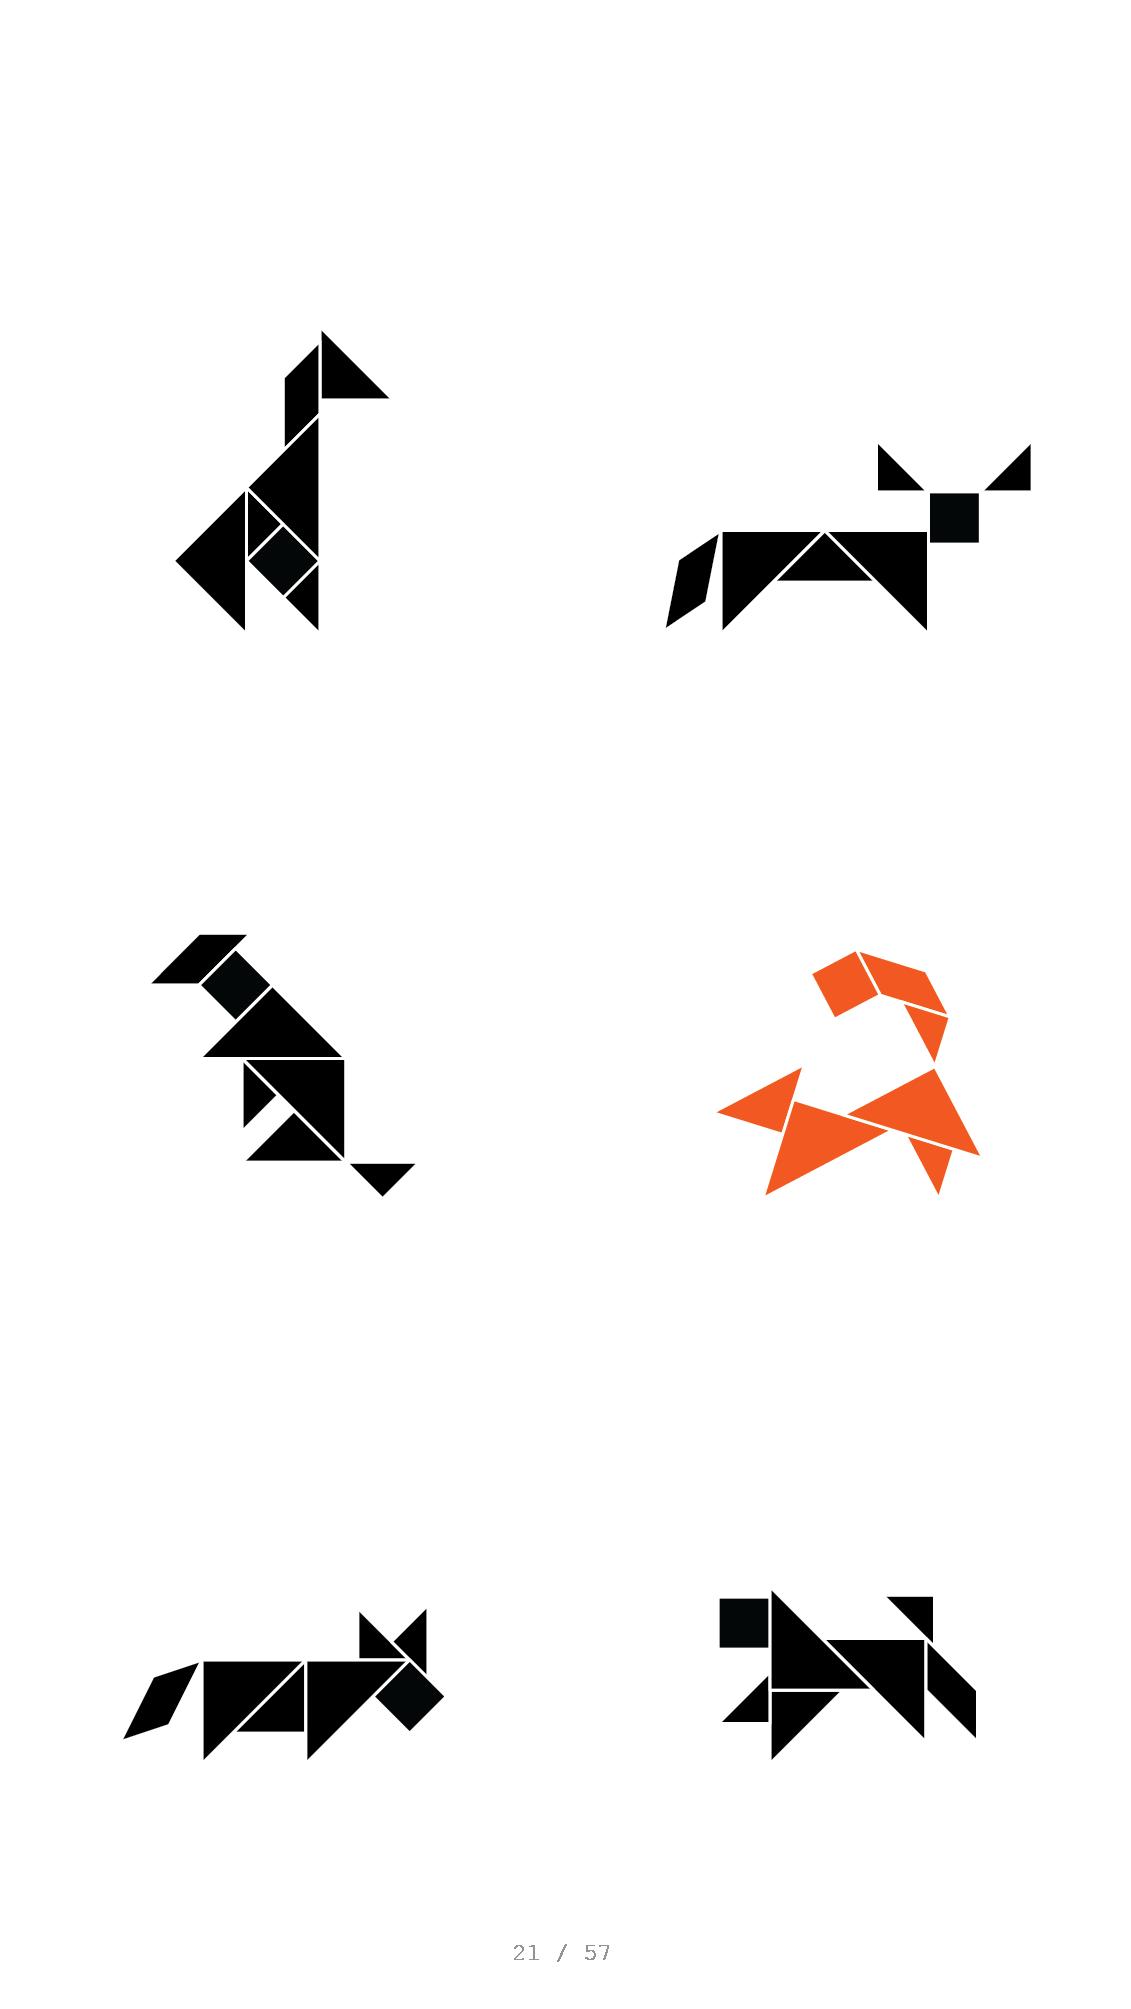 Tangram_Layout_2x3_schwarz-21